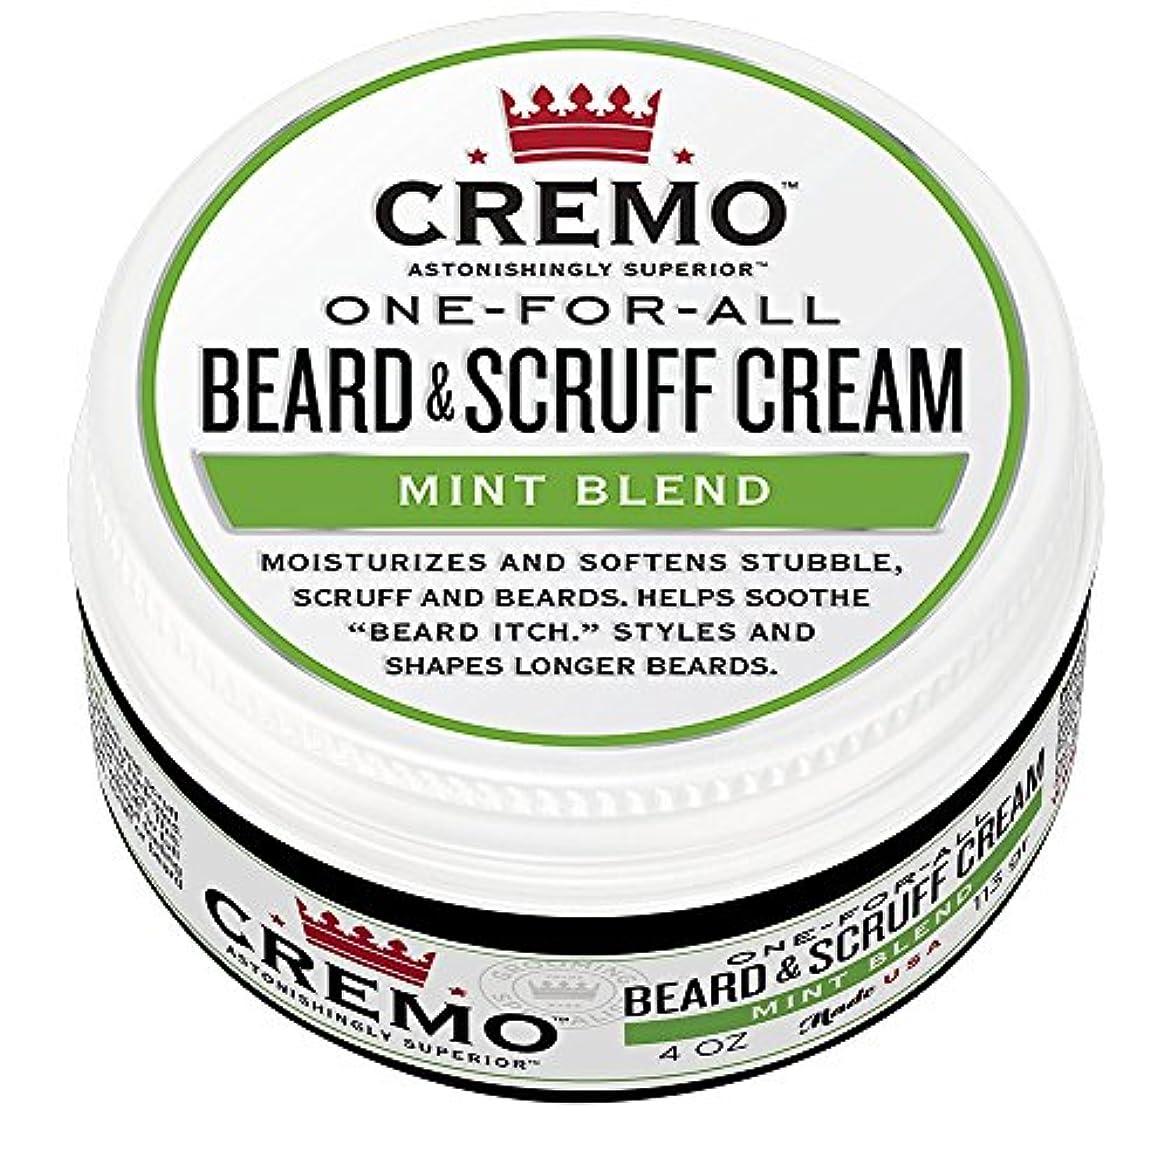 マート笑いインタネットを見るCremo ビアード&首筋クリーム、ミントのブレンドの香り、潤い、スタイルとひげのすべての長さについてはビアードかゆみを軽減し、4オンスをブレンド、包装は変更になる場合があります